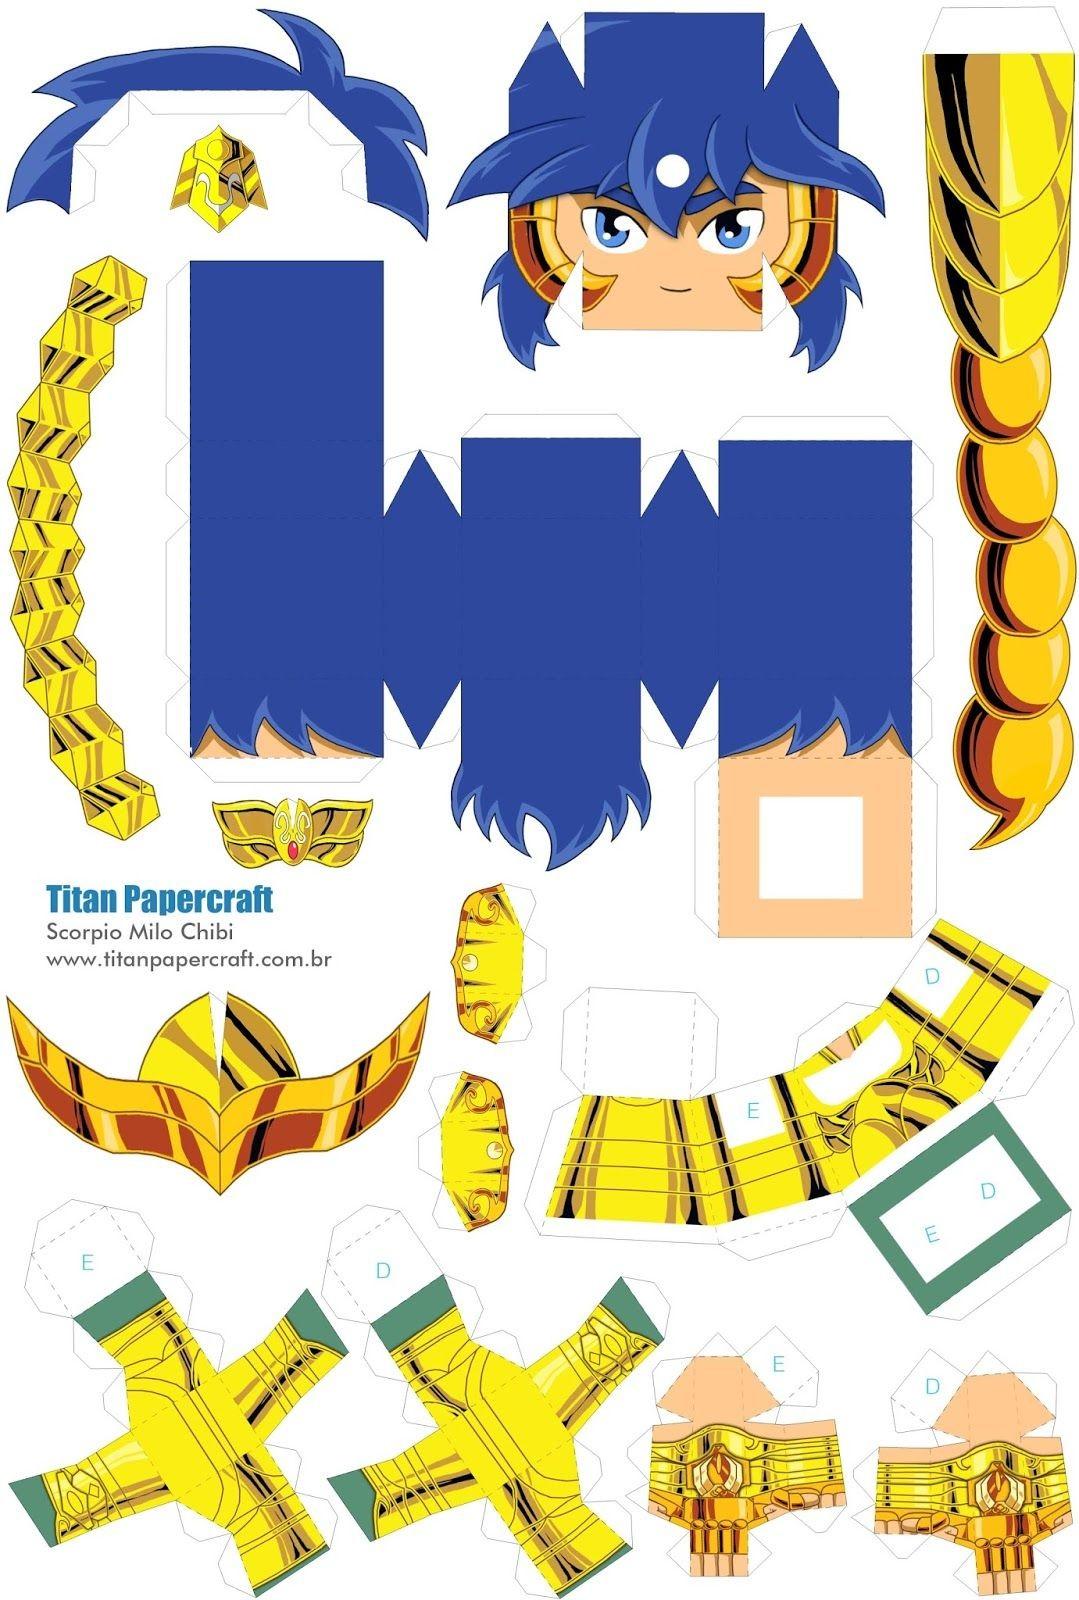 Toy Story Papercraft Monte E Colecione Papercraft De Seus Personagens Preferidos